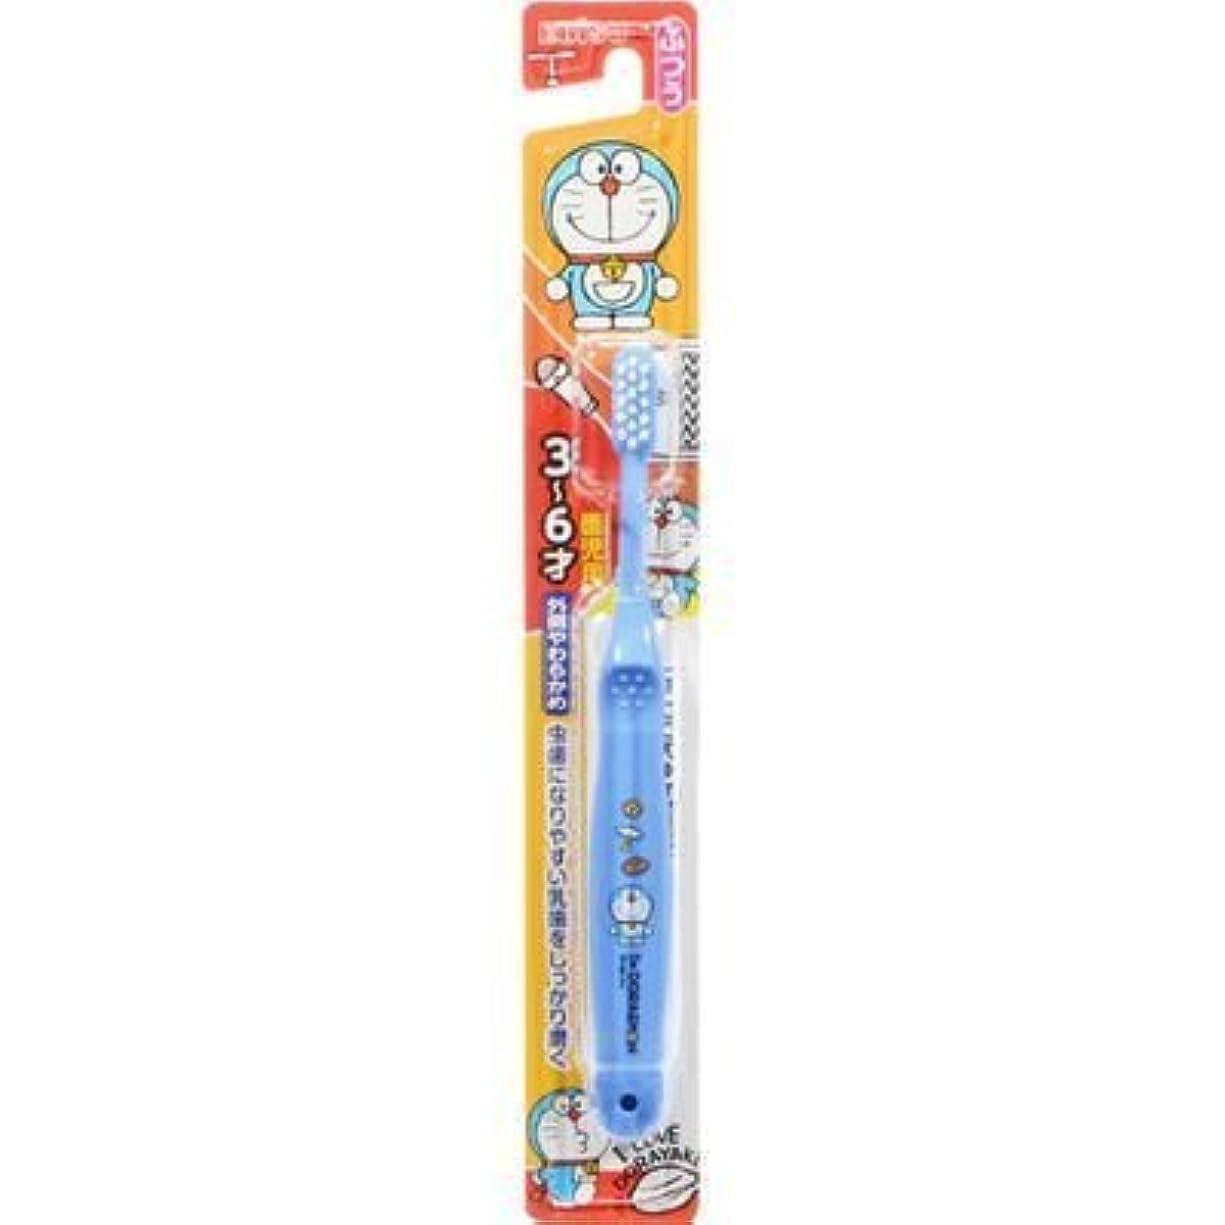 エーカーにおいハチエビス エビス アイムドラえもん歯ブラシ 3-6才 ふつう 色おまかせ E493408H